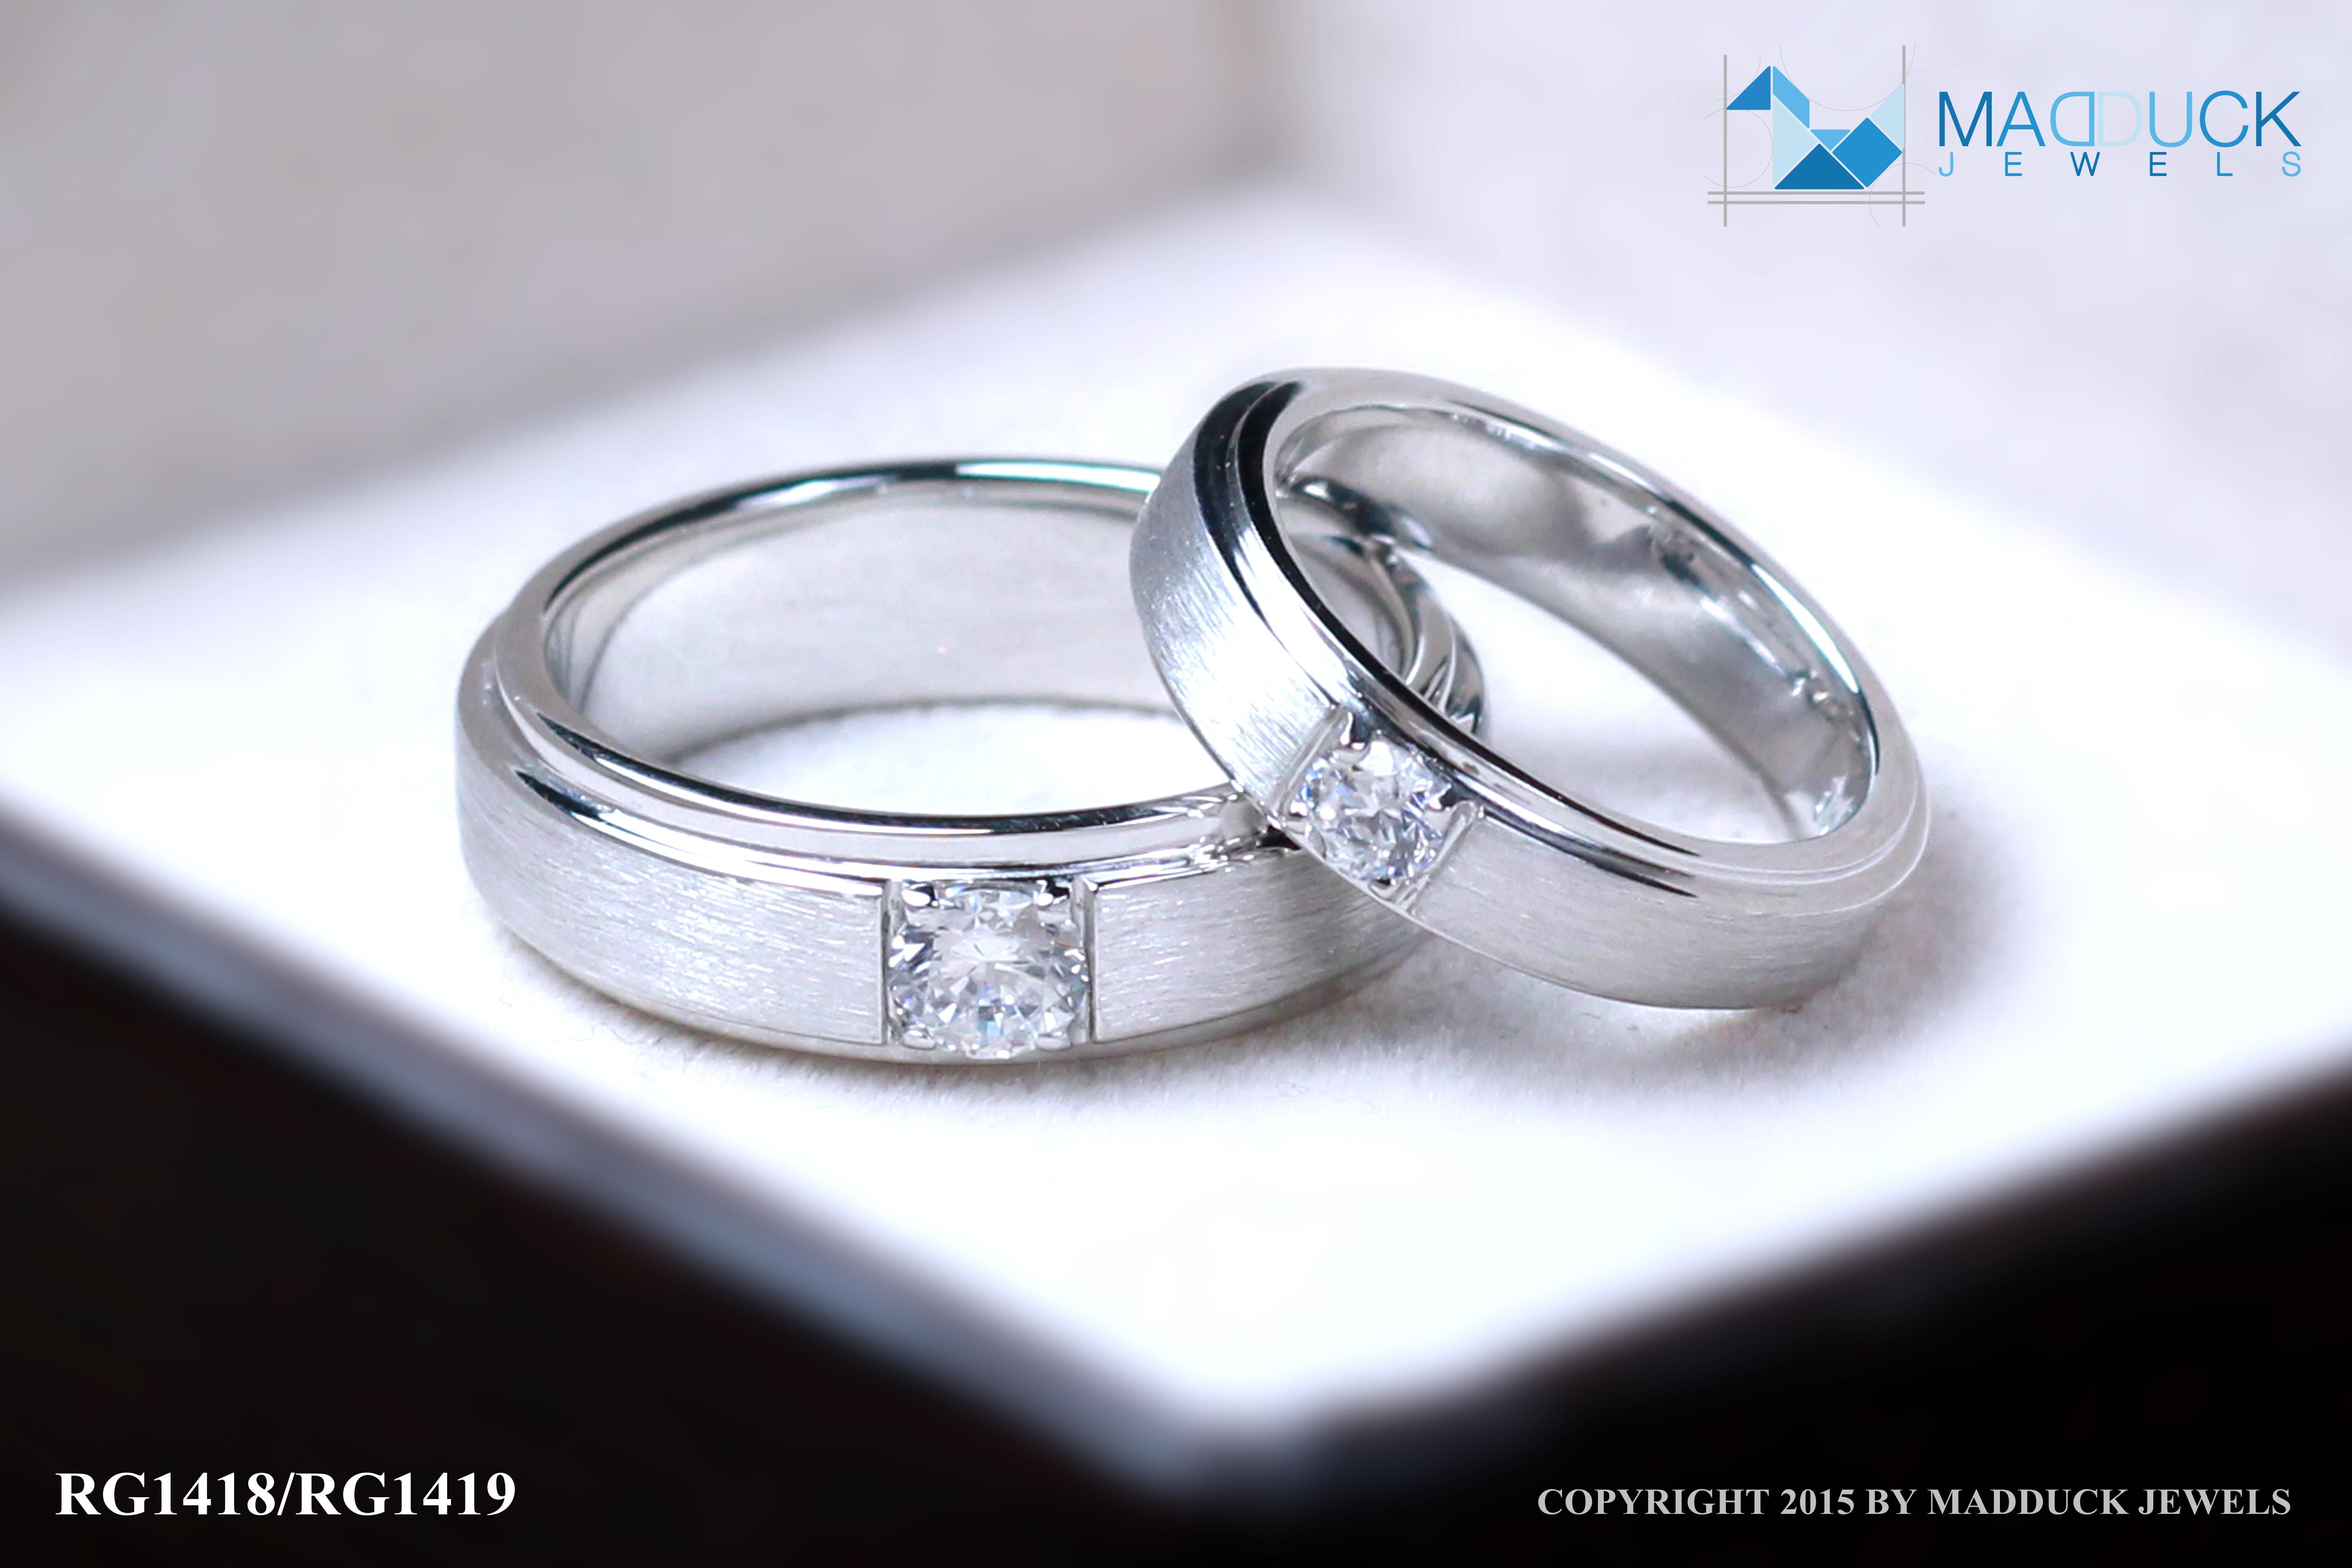 แหวนคู่รักเงินแท้ เพชรสังเคราะห์ ชุบทองคำขาว รุ่น LV14181419 Tollway Star